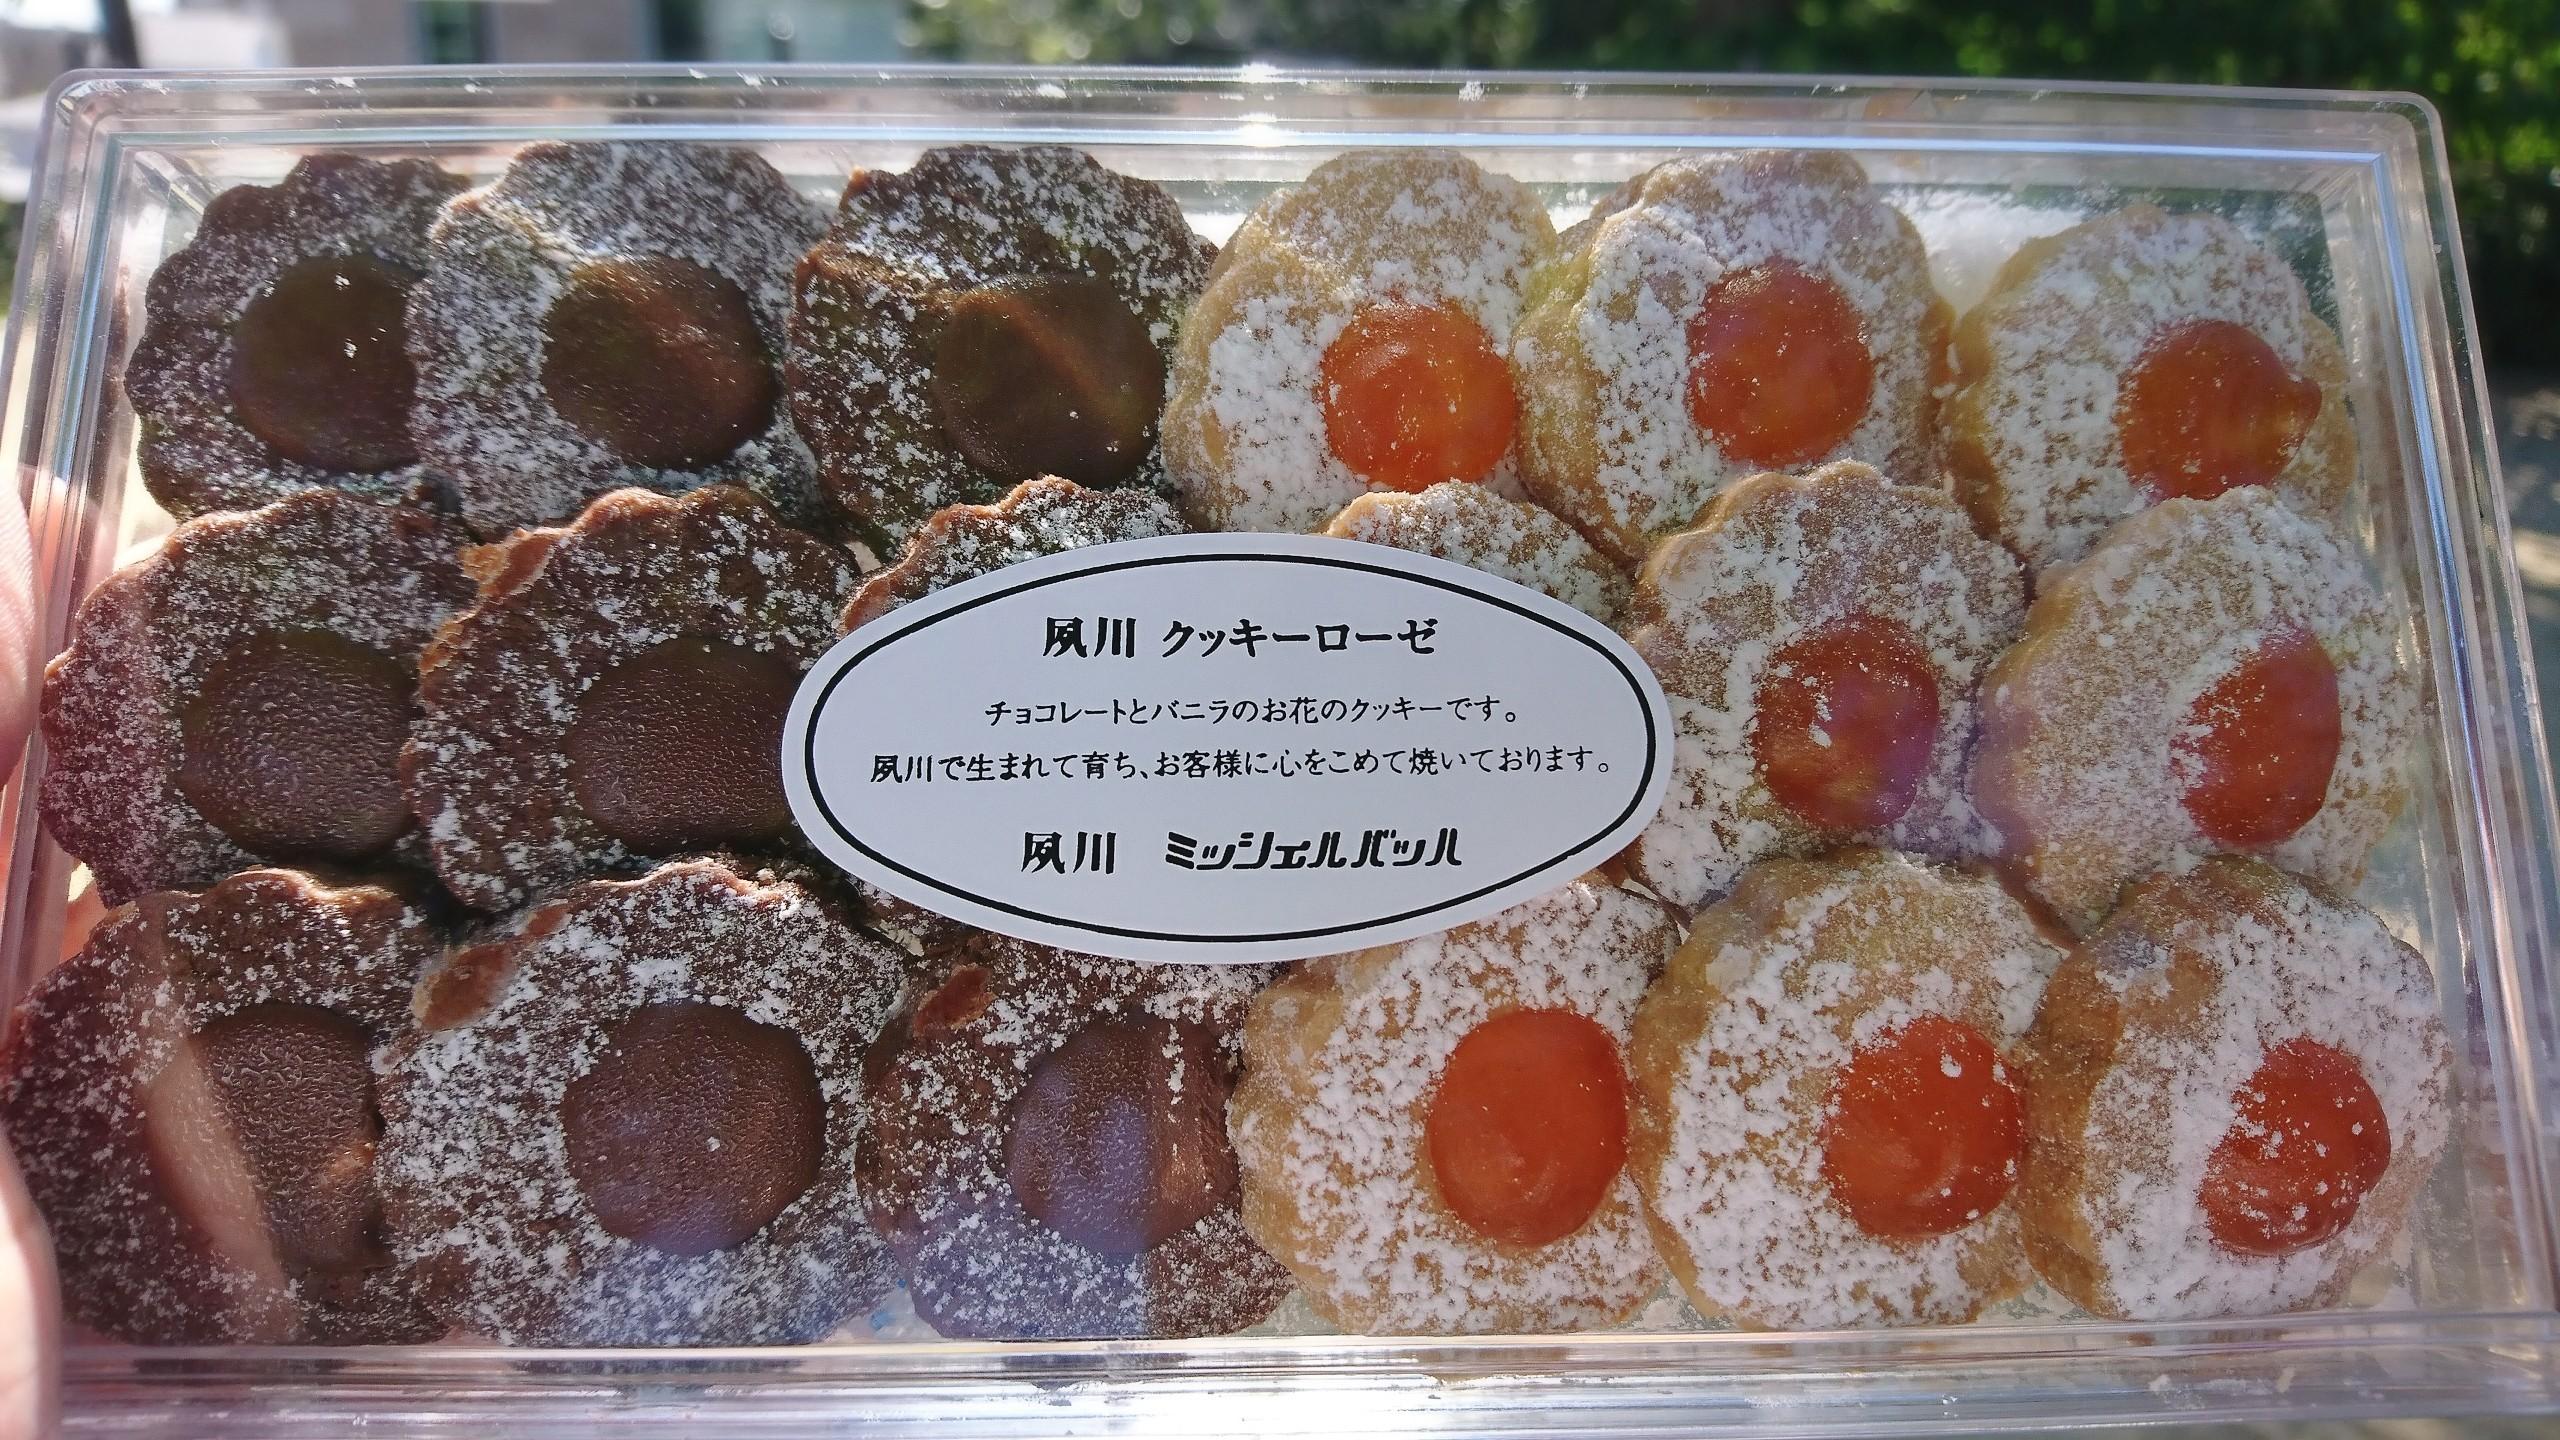 ミッシェルバッハのクッキーはいつから並ぶの?2018年の様子は?